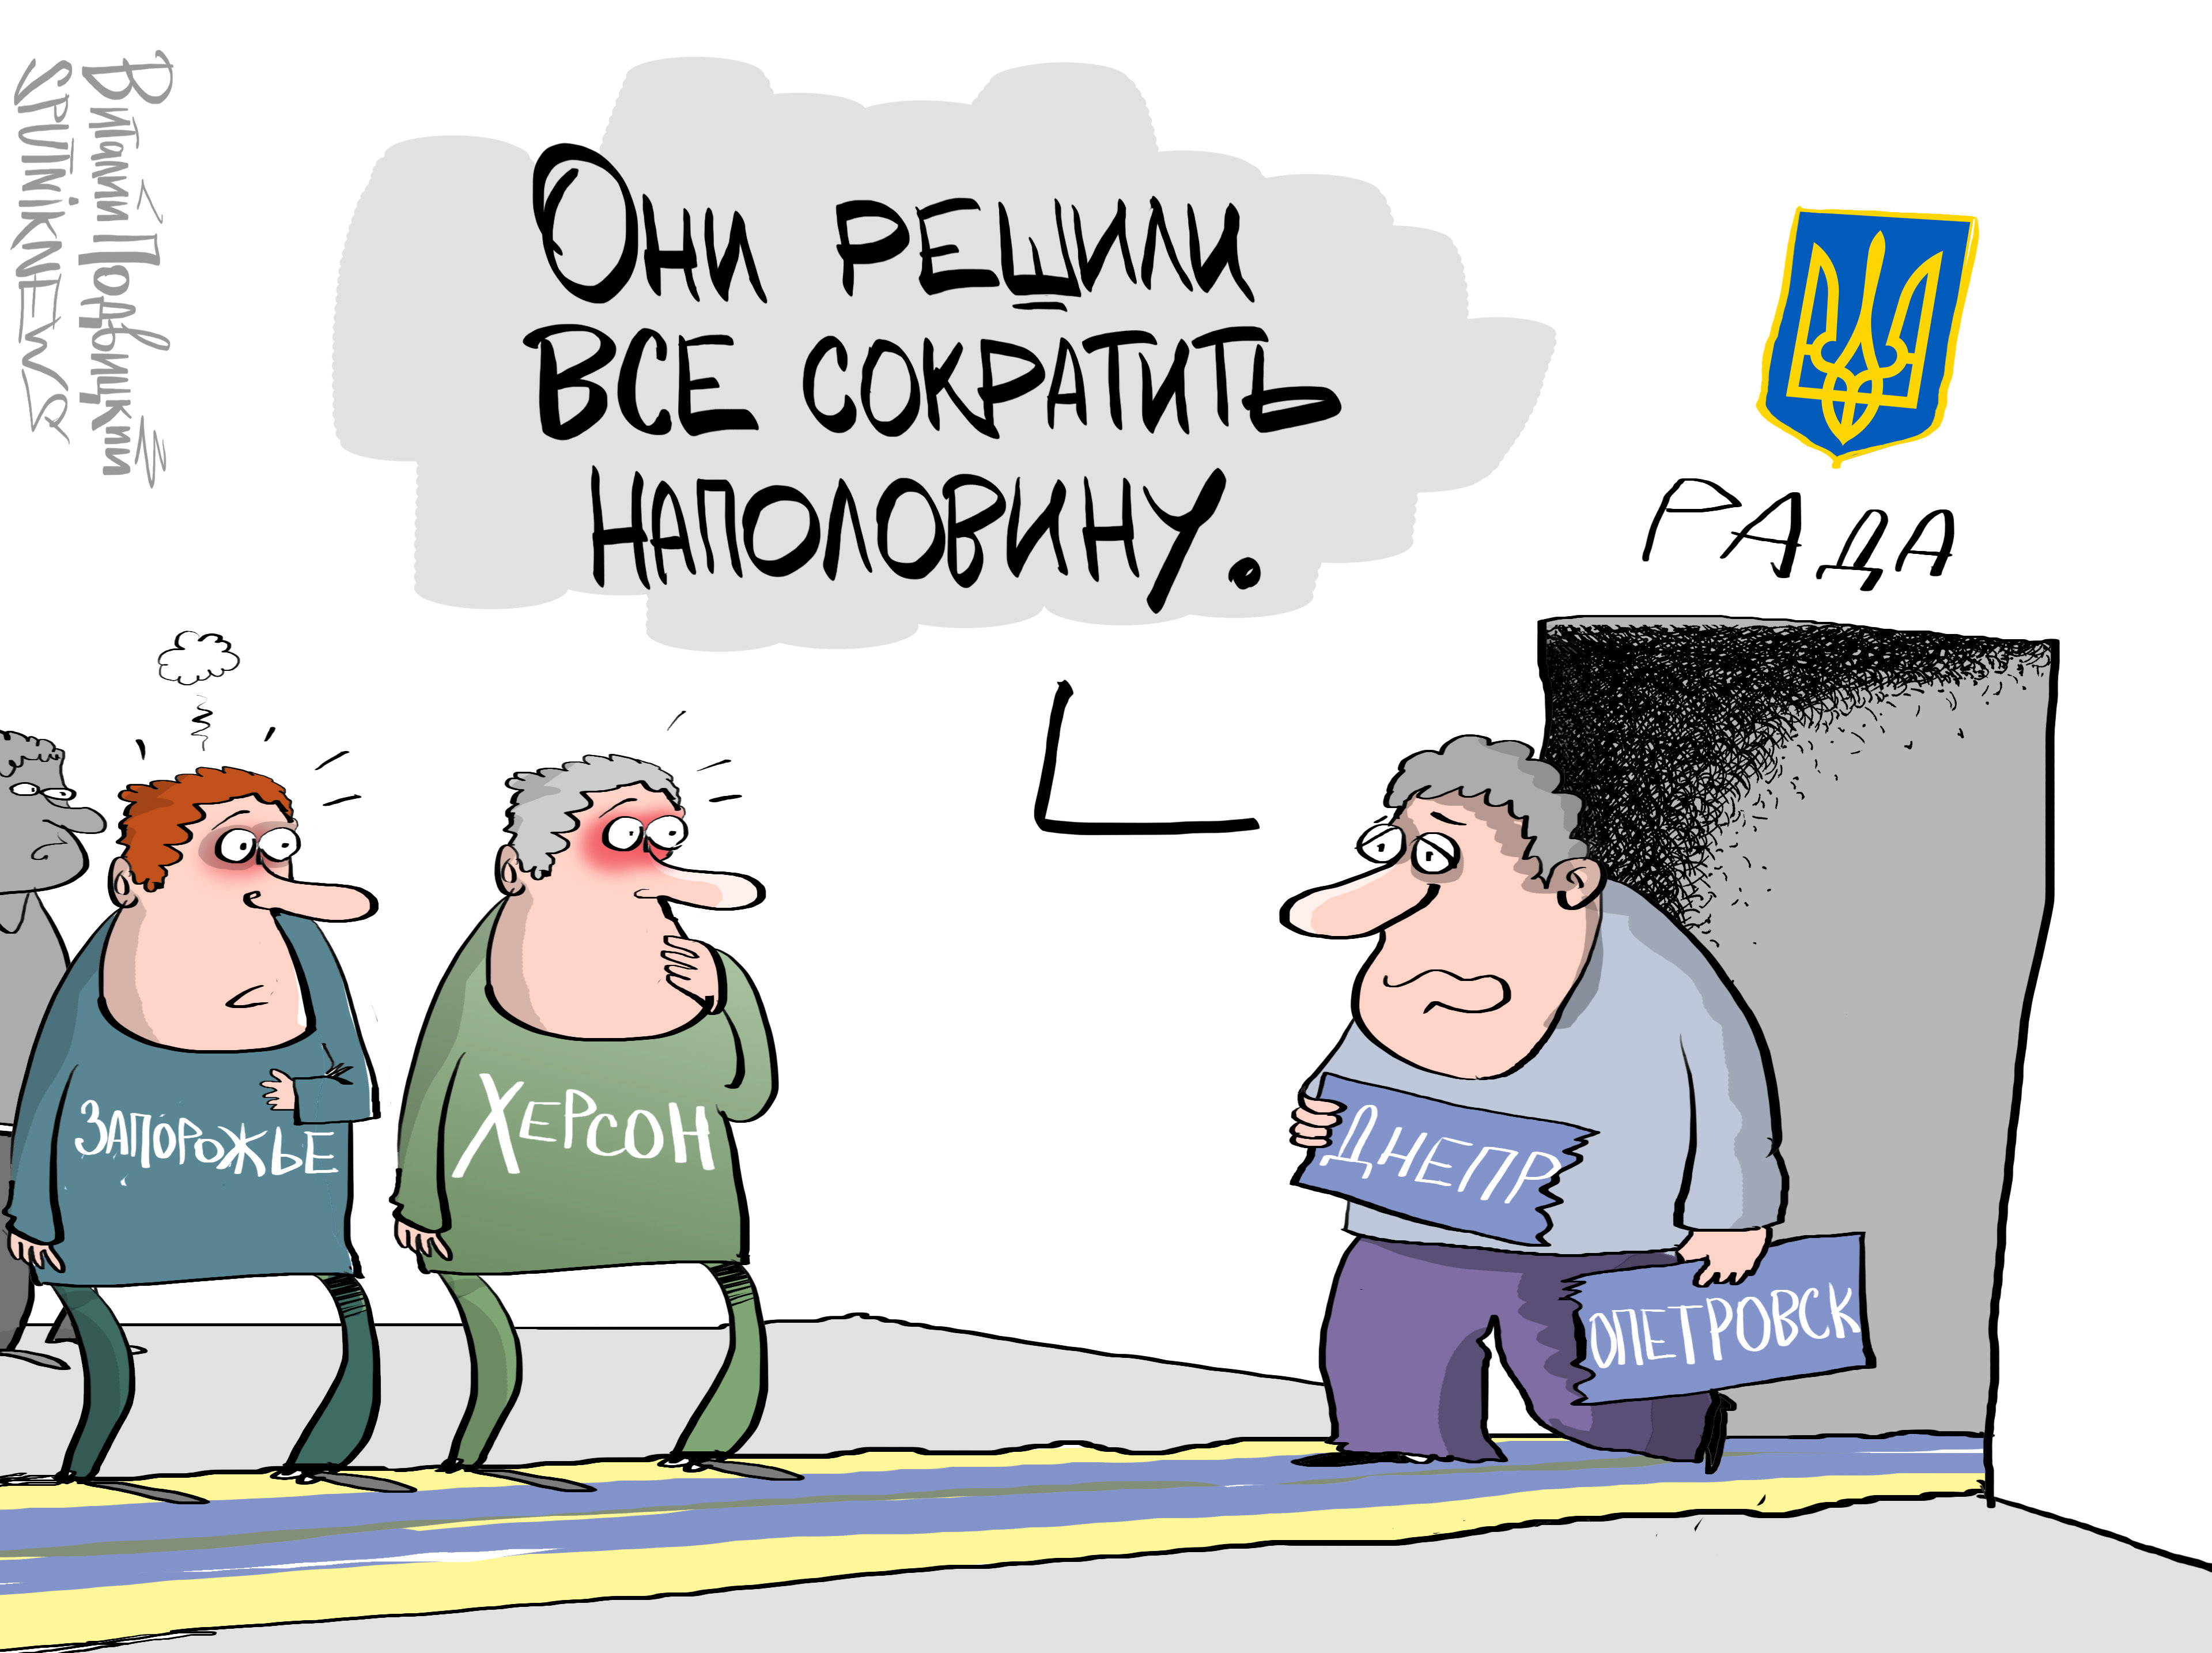 Верховная Рада Украины переименовала город Днепропетровск в Днепр, несмотря на возражения местных жителей и властей. - Sputnik Абхазия